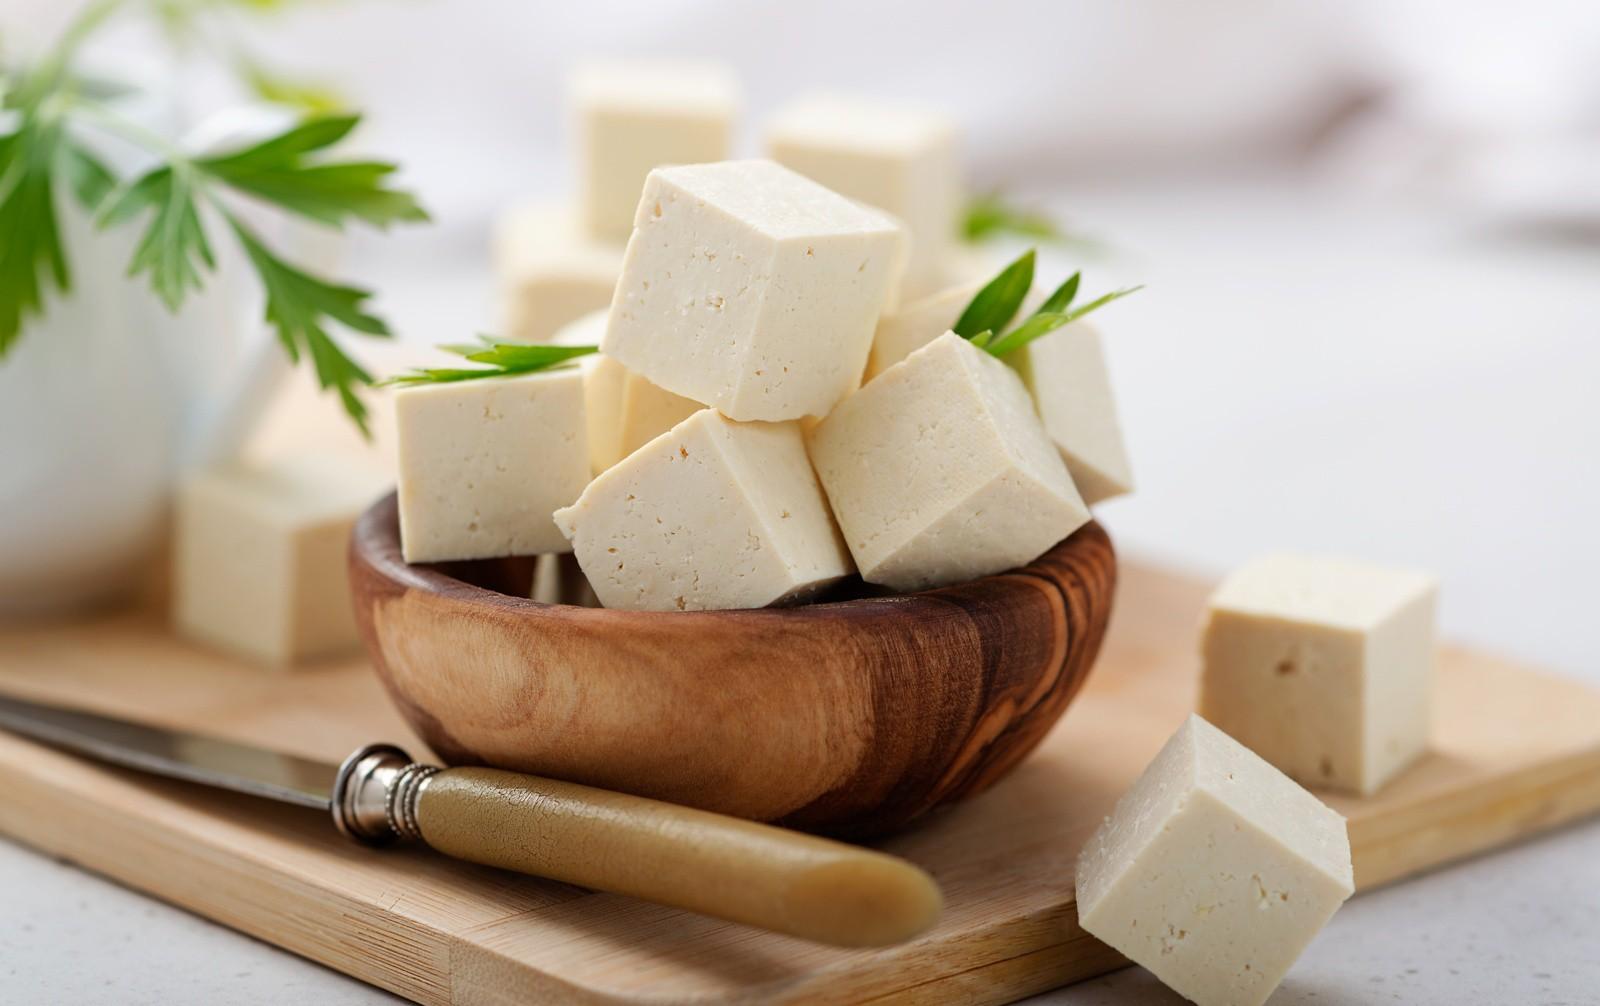 Il Tofu Come Sceglierlo Utilizzarlo E Cucinarlo Con Due Idee Golose